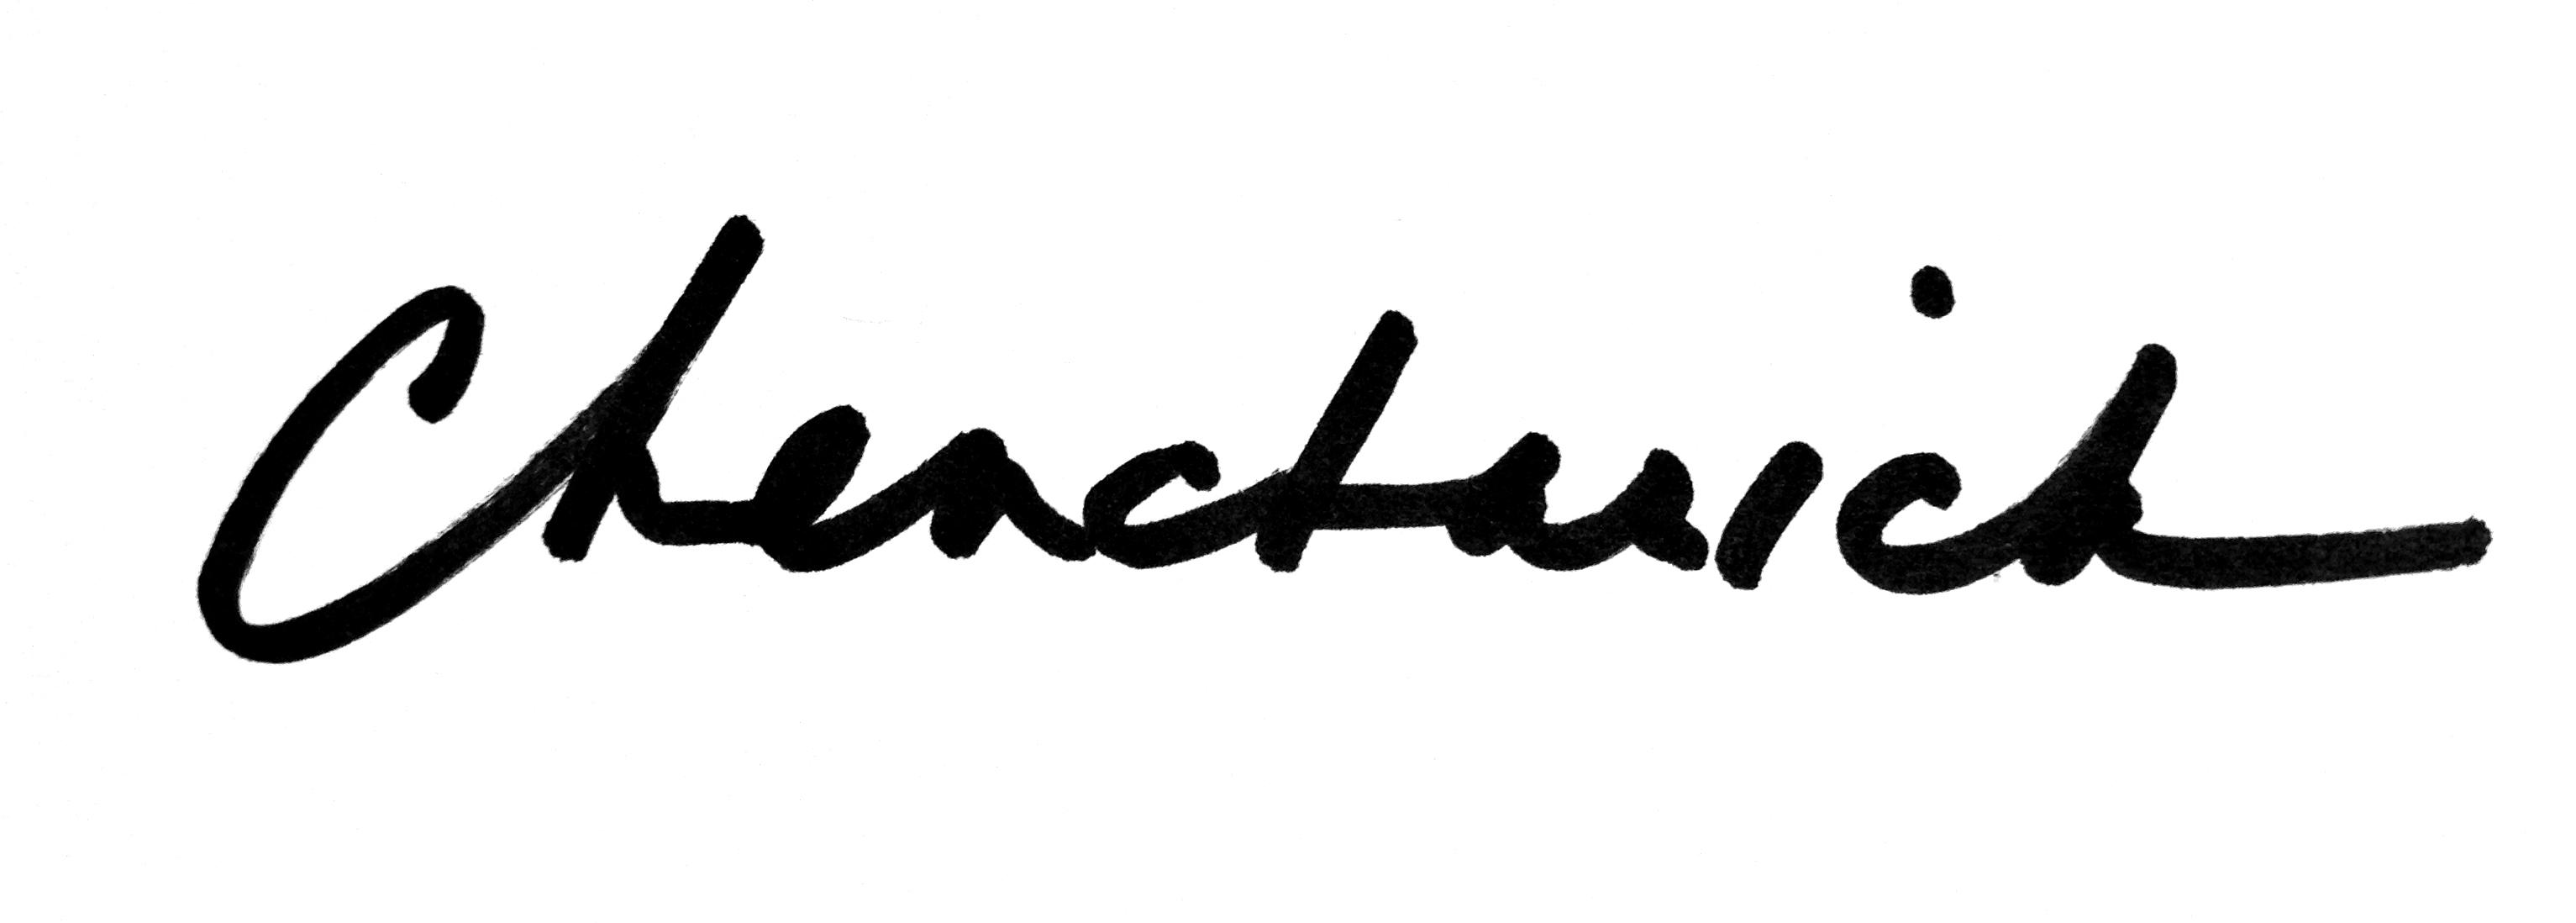 Diane Chencharick Signature